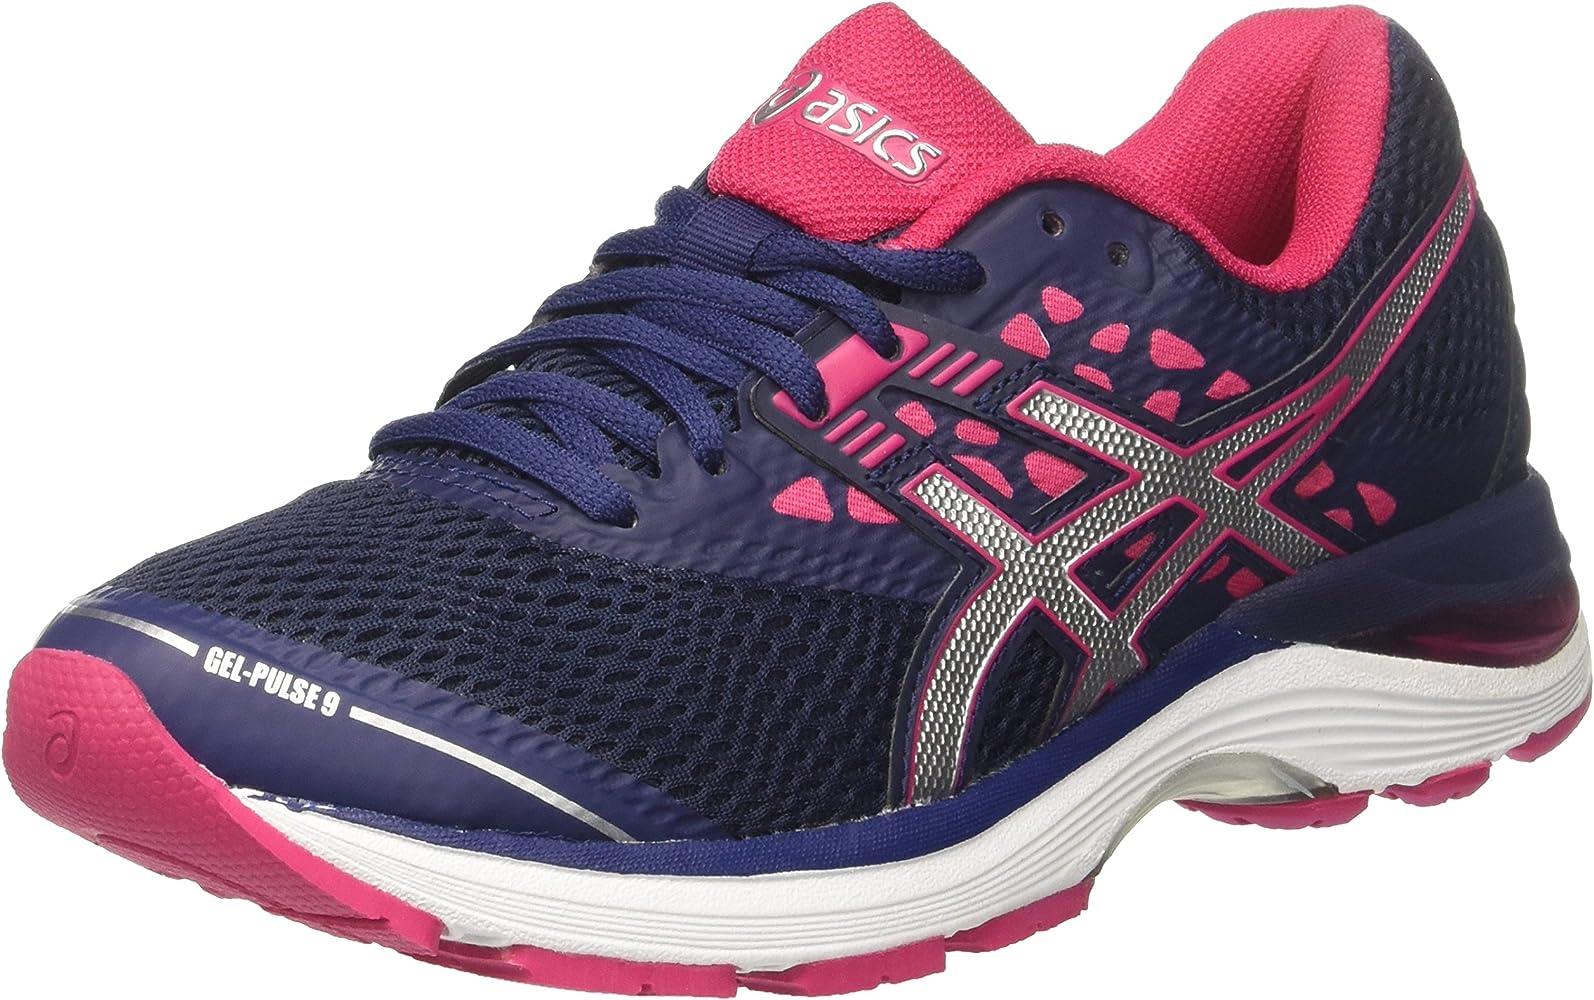 ASICS Gel Pulse 9, Chaussures de Running Femme, Bleu (Indigo